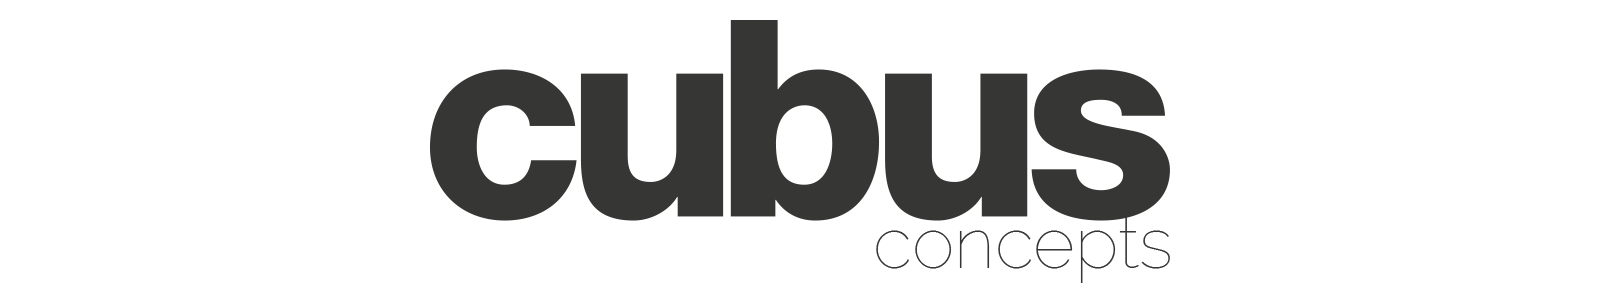 Cubus Concepts